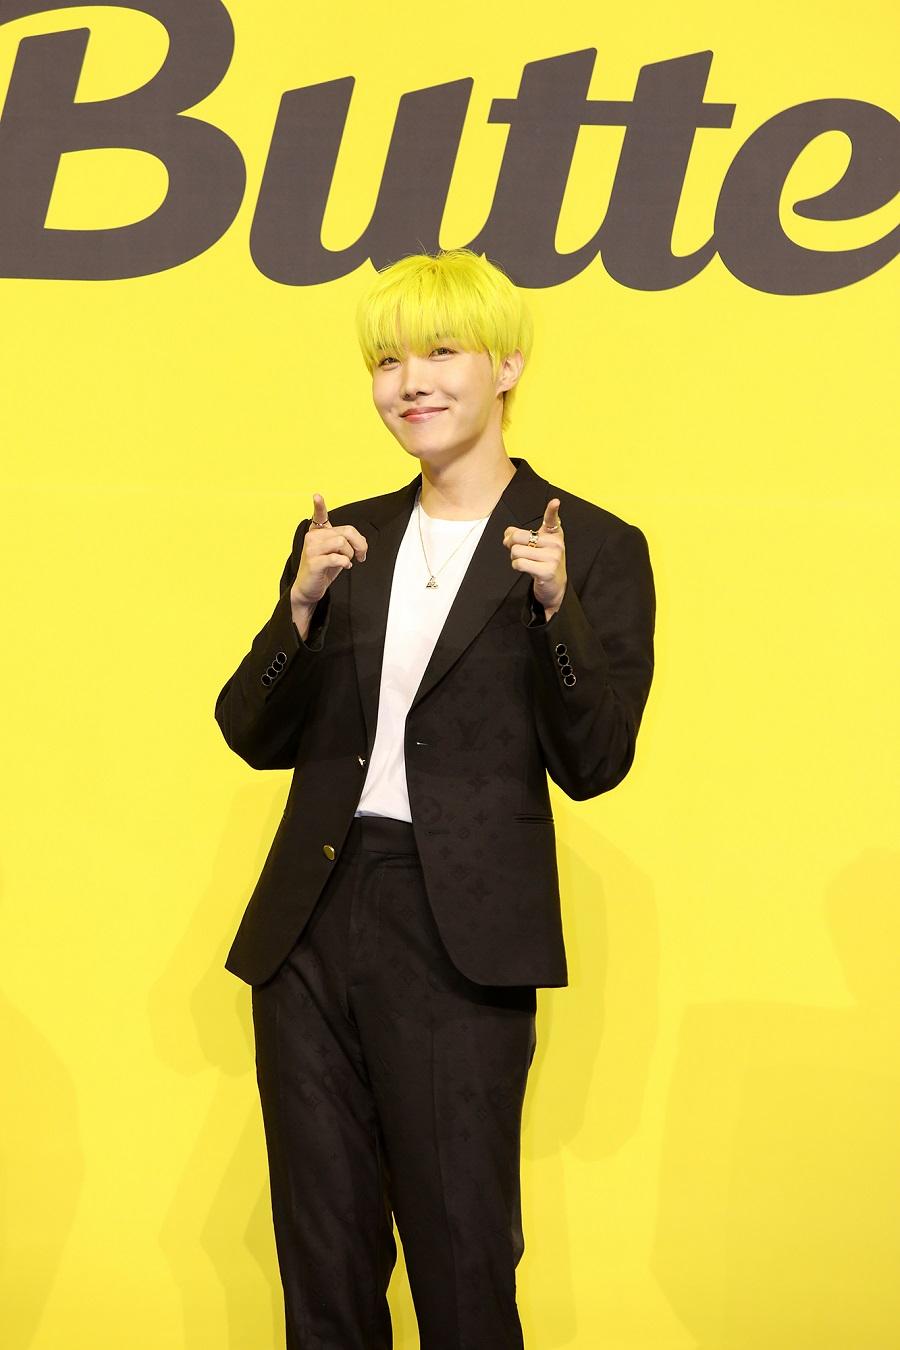 BTS J_HOPE_Butter GlobalPress (2)